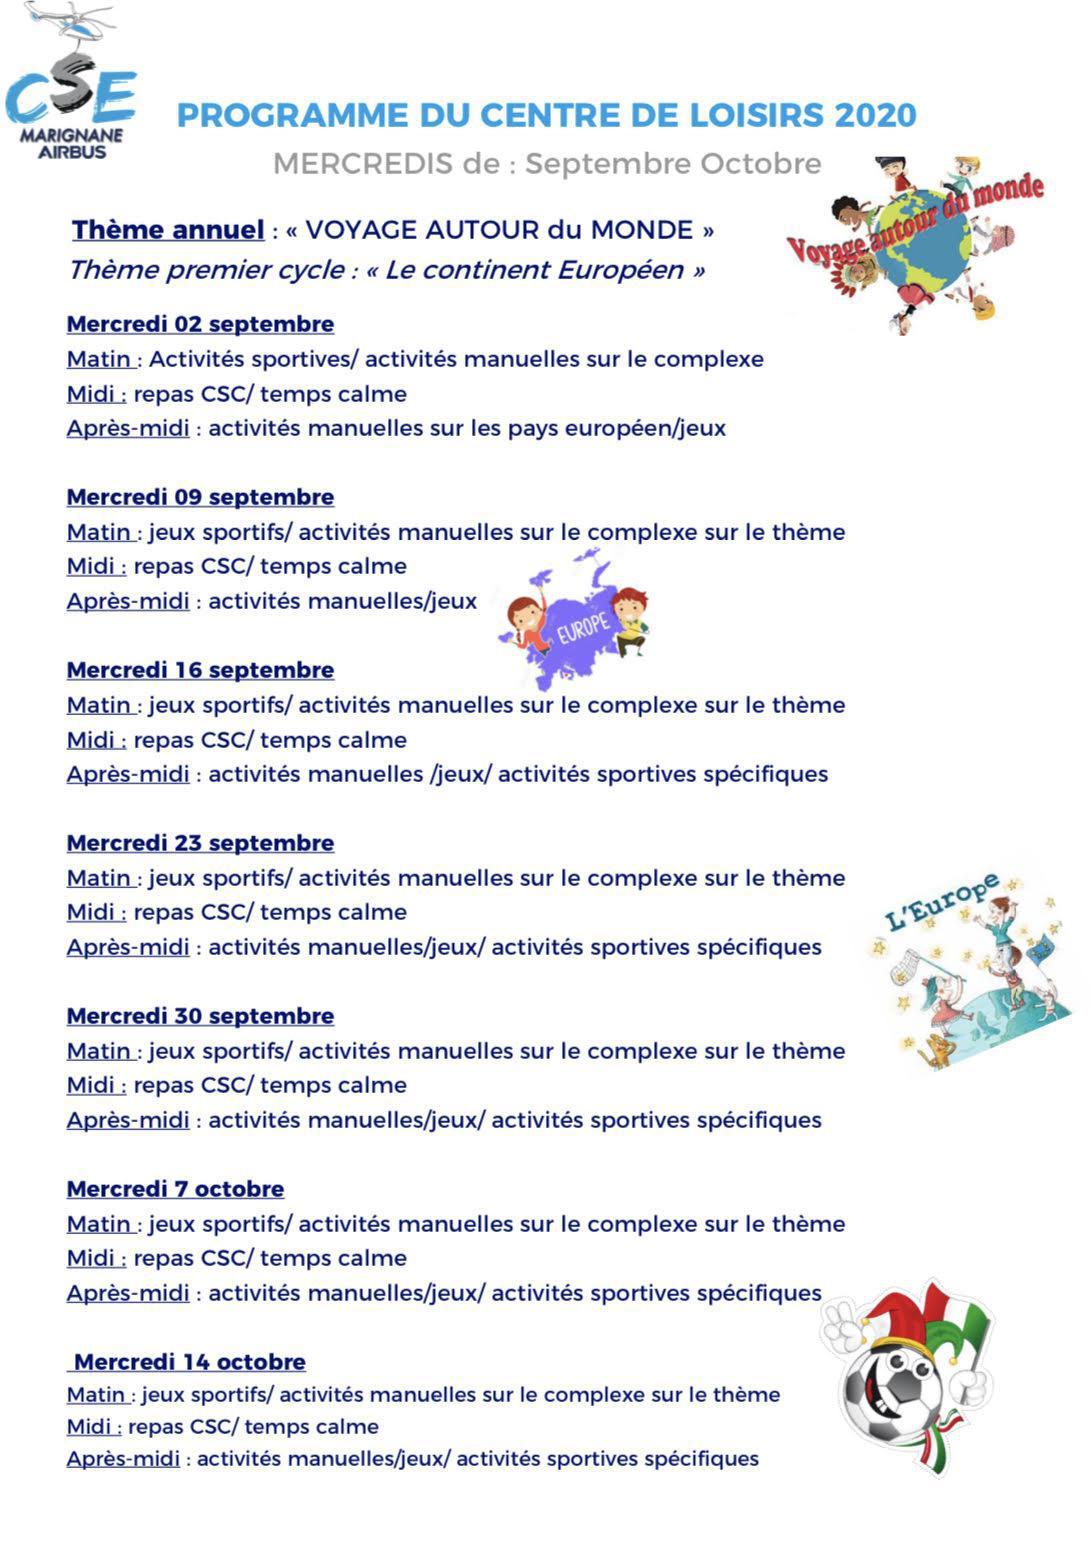 Centre de loisirs : Programme et menus des mercredis de Septembre & Octobre !